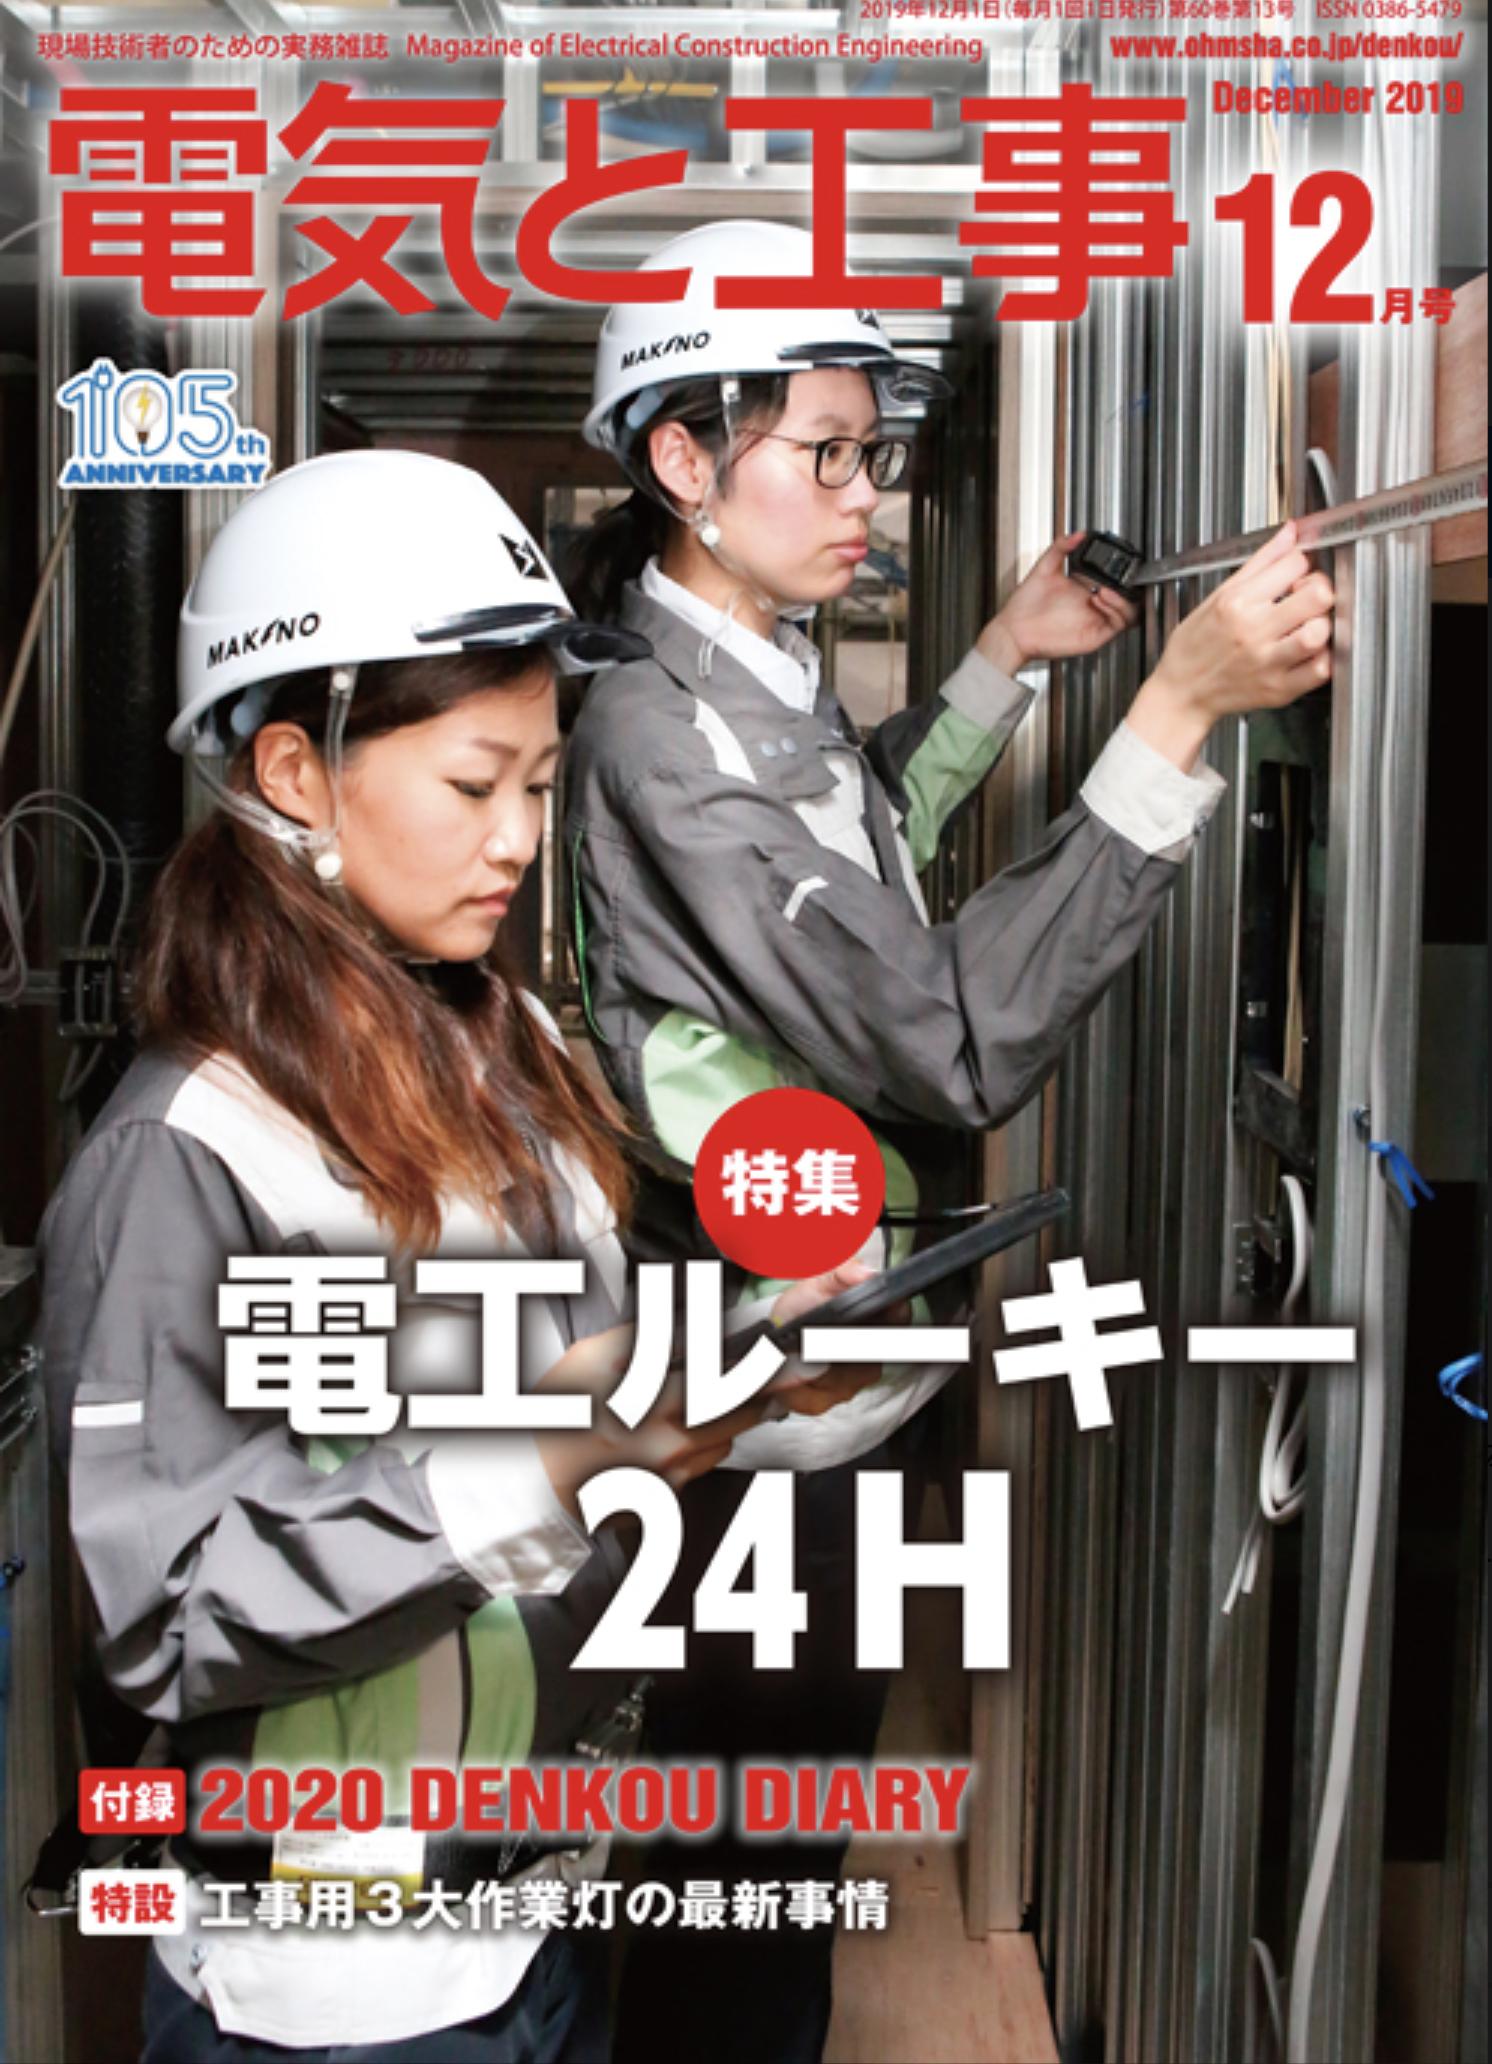 【新刊トピックス 2019年11月】電気と工事 2019年12月号 (第60巻第13号通巻794号)の画像